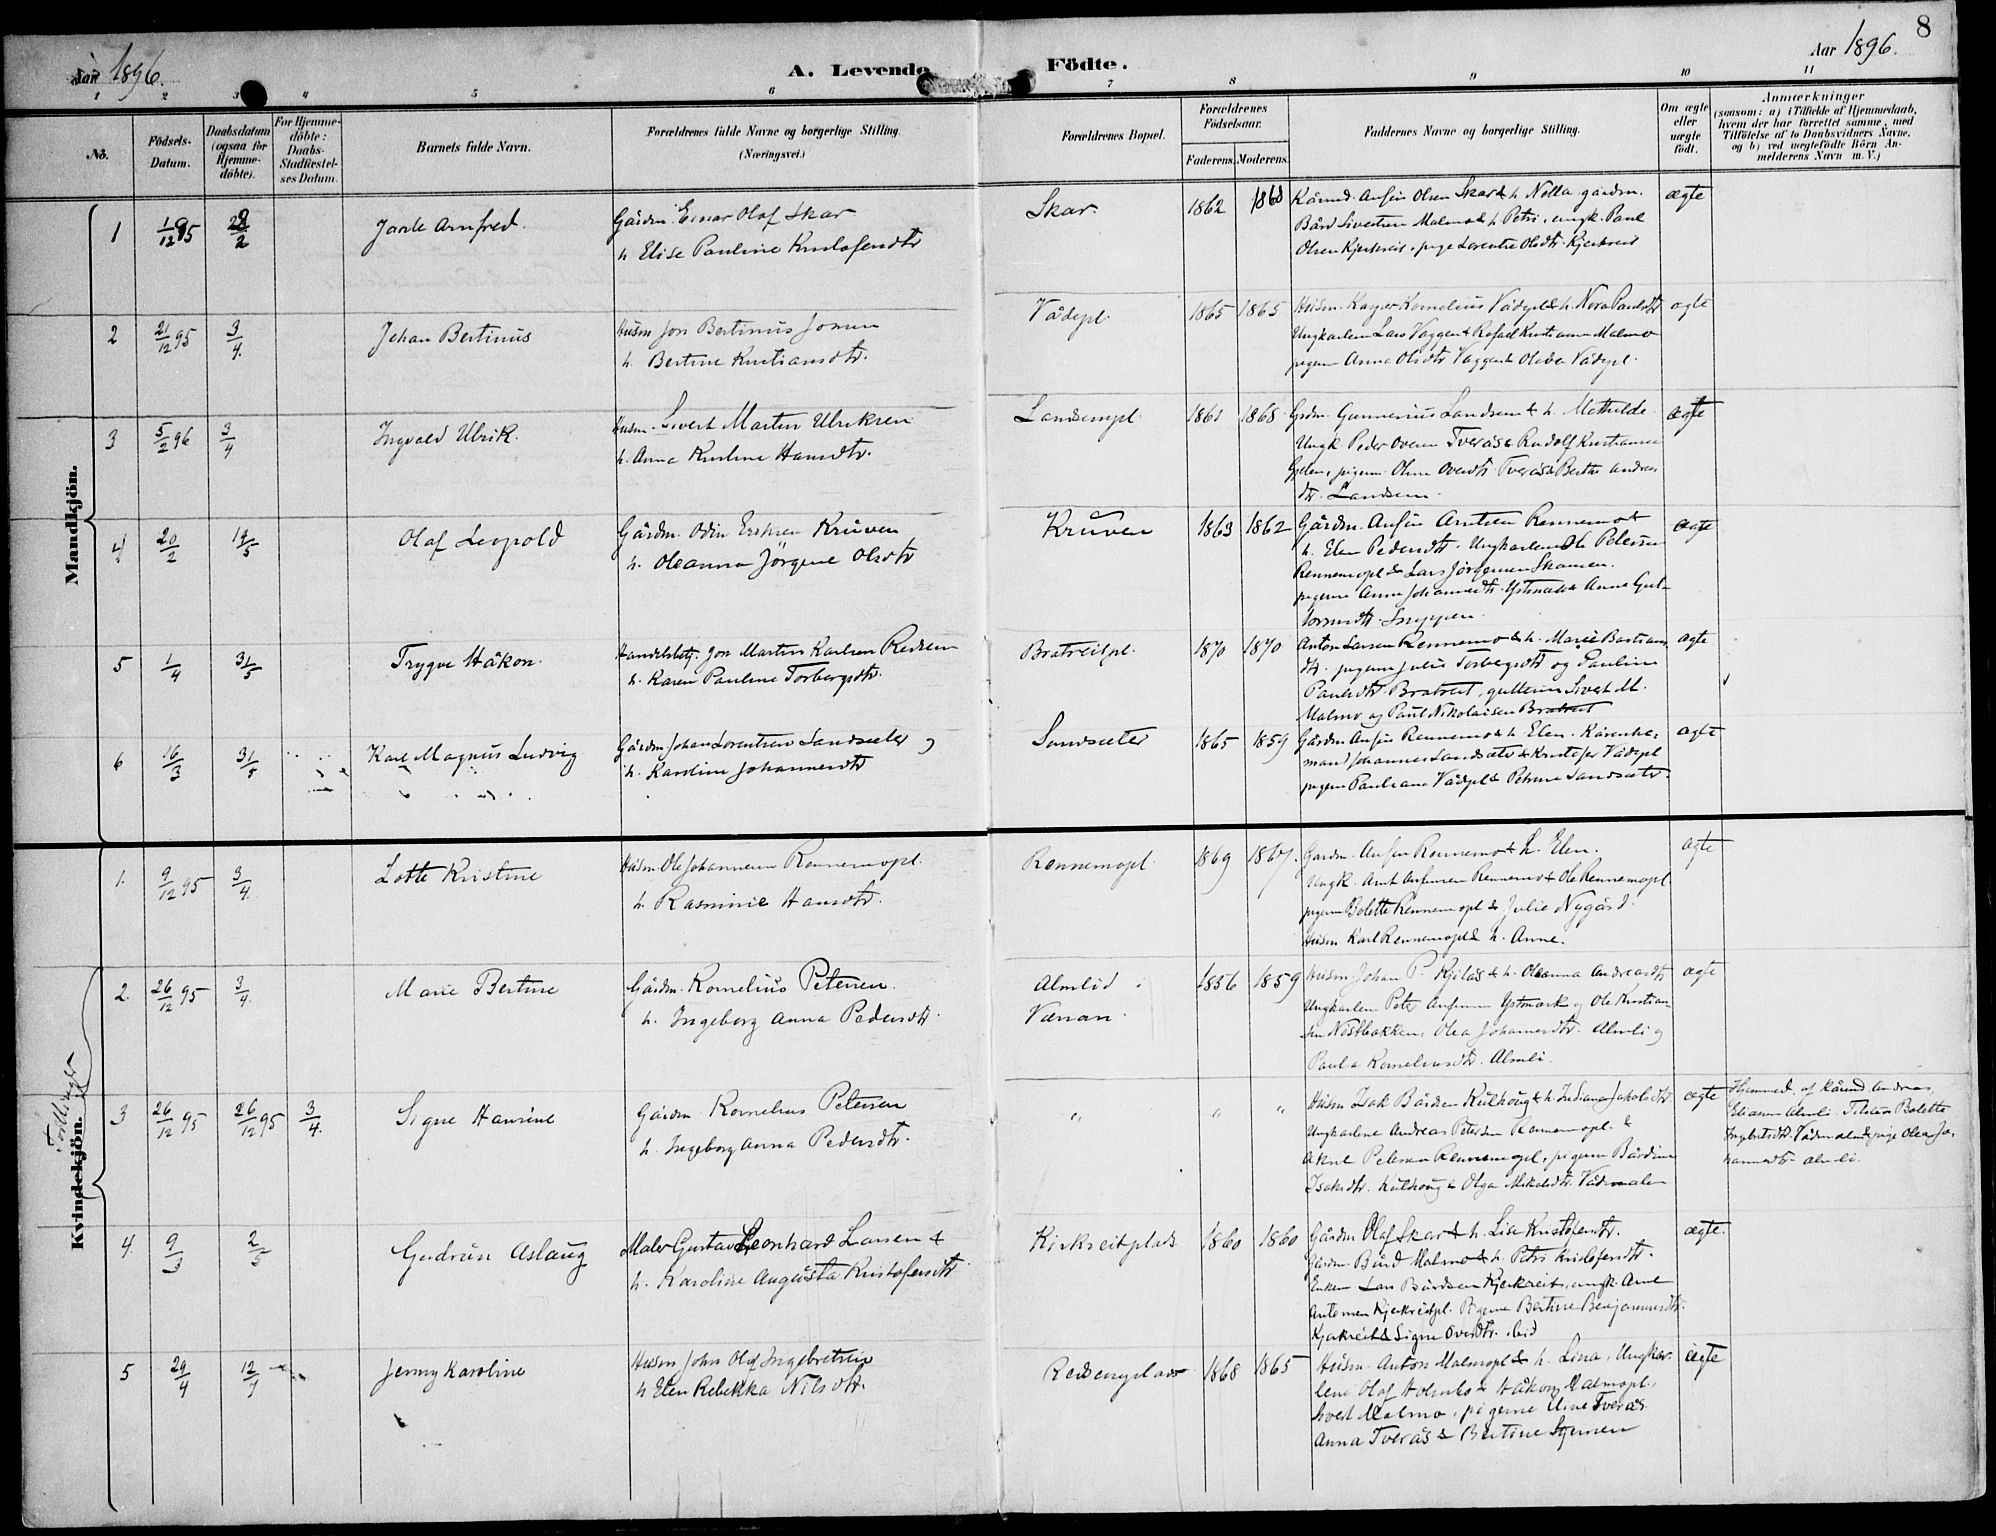 SAT, Ministerialprotokoller, klokkerbøker og fødselsregistre - Nord-Trøndelag, 745/L0430: Ministerialbok nr. 745A02, 1895-1913, s. 8